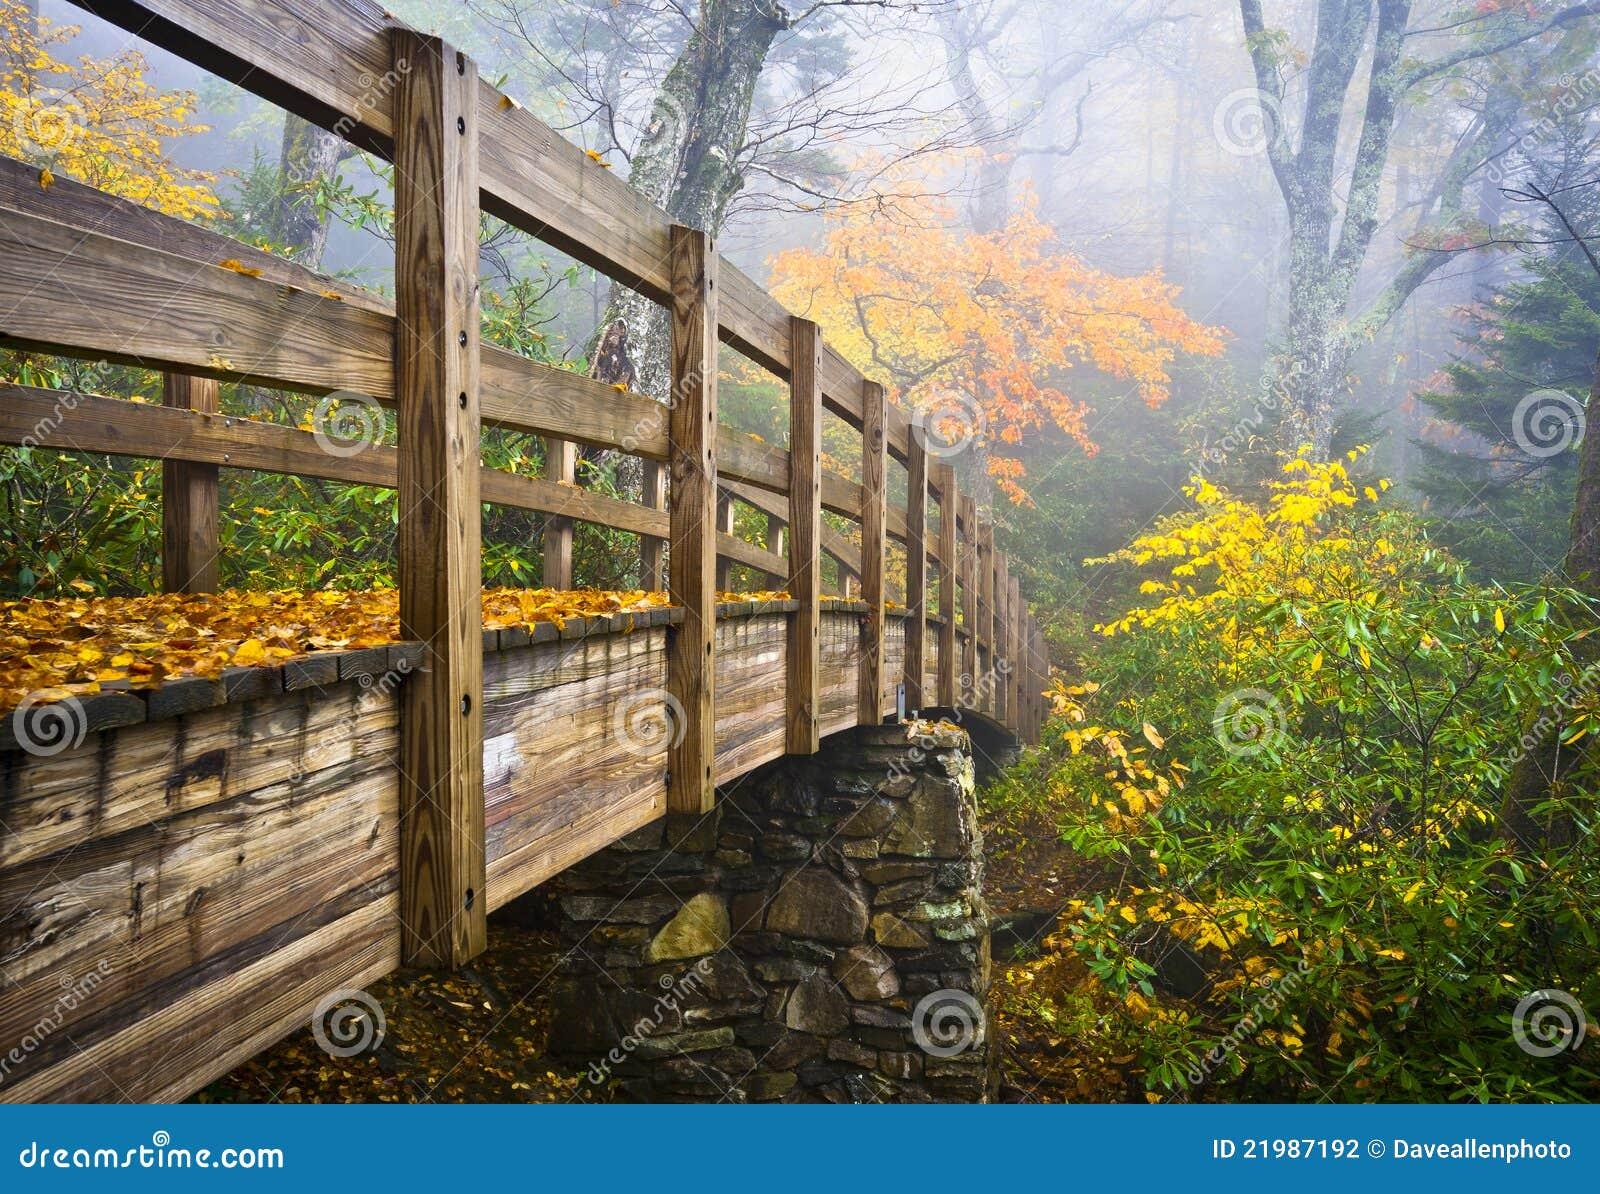 森林杜鹃花季节性卡罗来纳州国家槭树秋天户外绿色橙色五颜六色季节图片